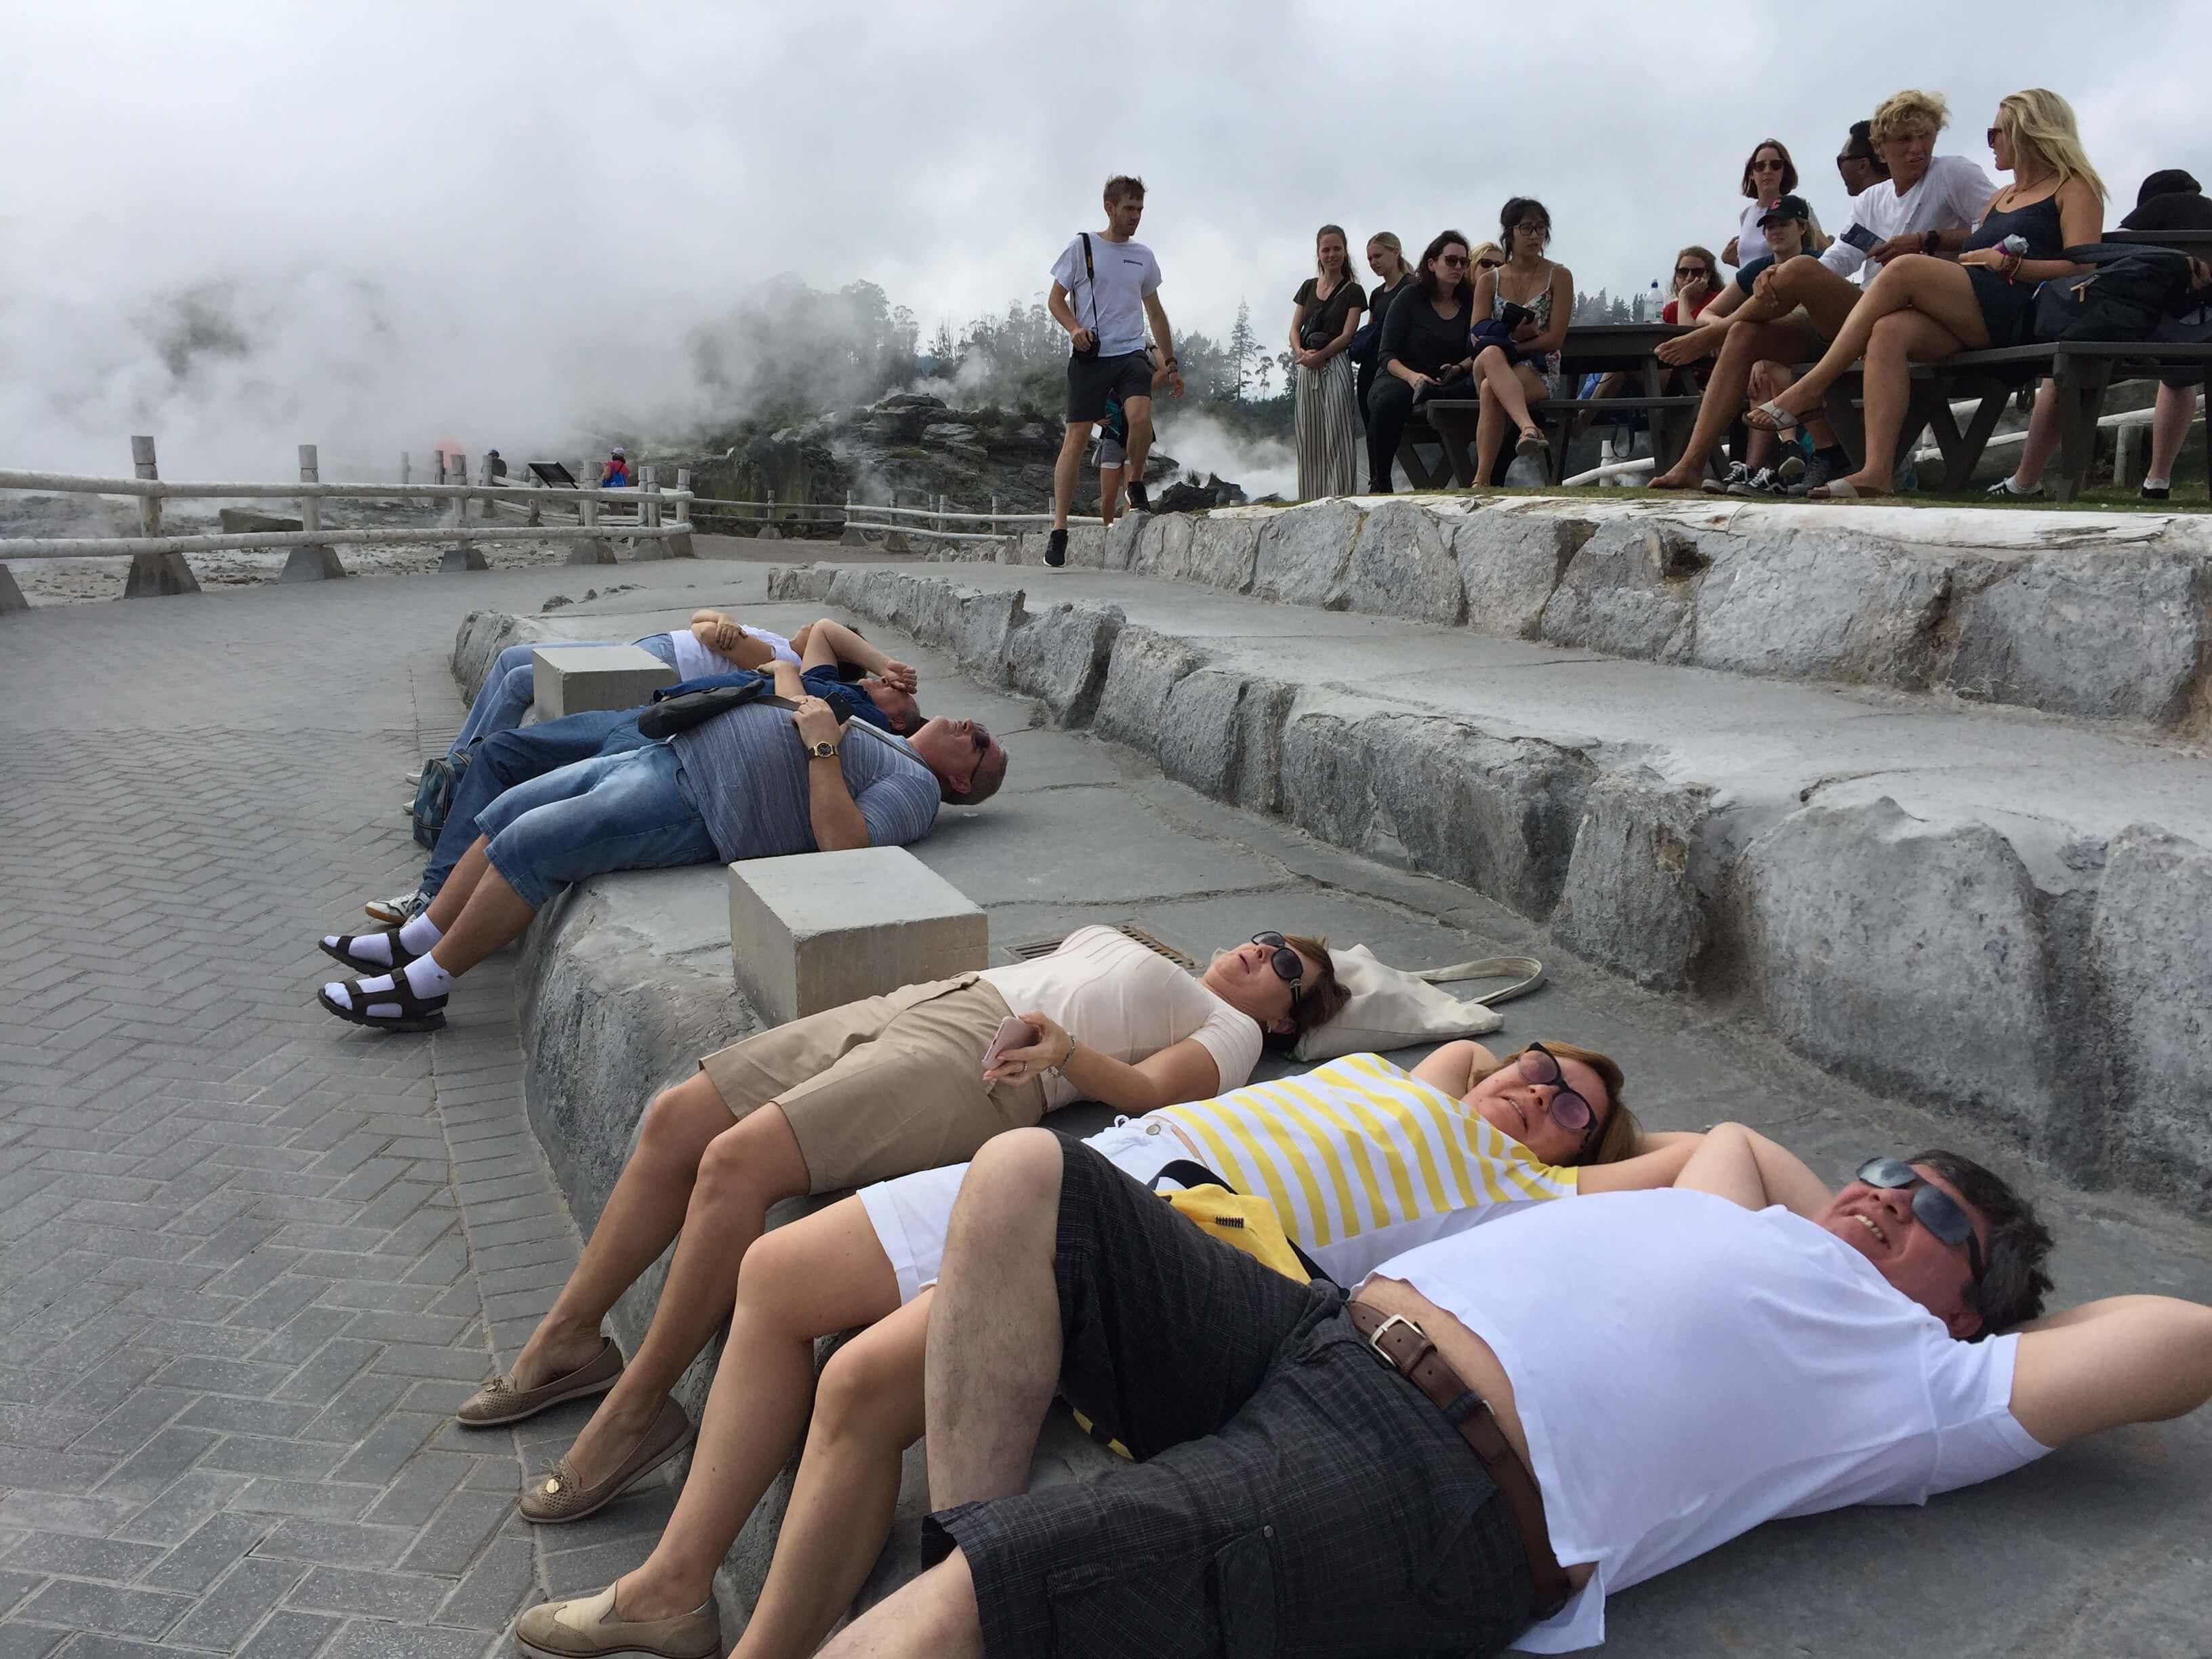 Тур Дмитрия Крылова в Новую Зеландию (из Санкт-Петербурга)